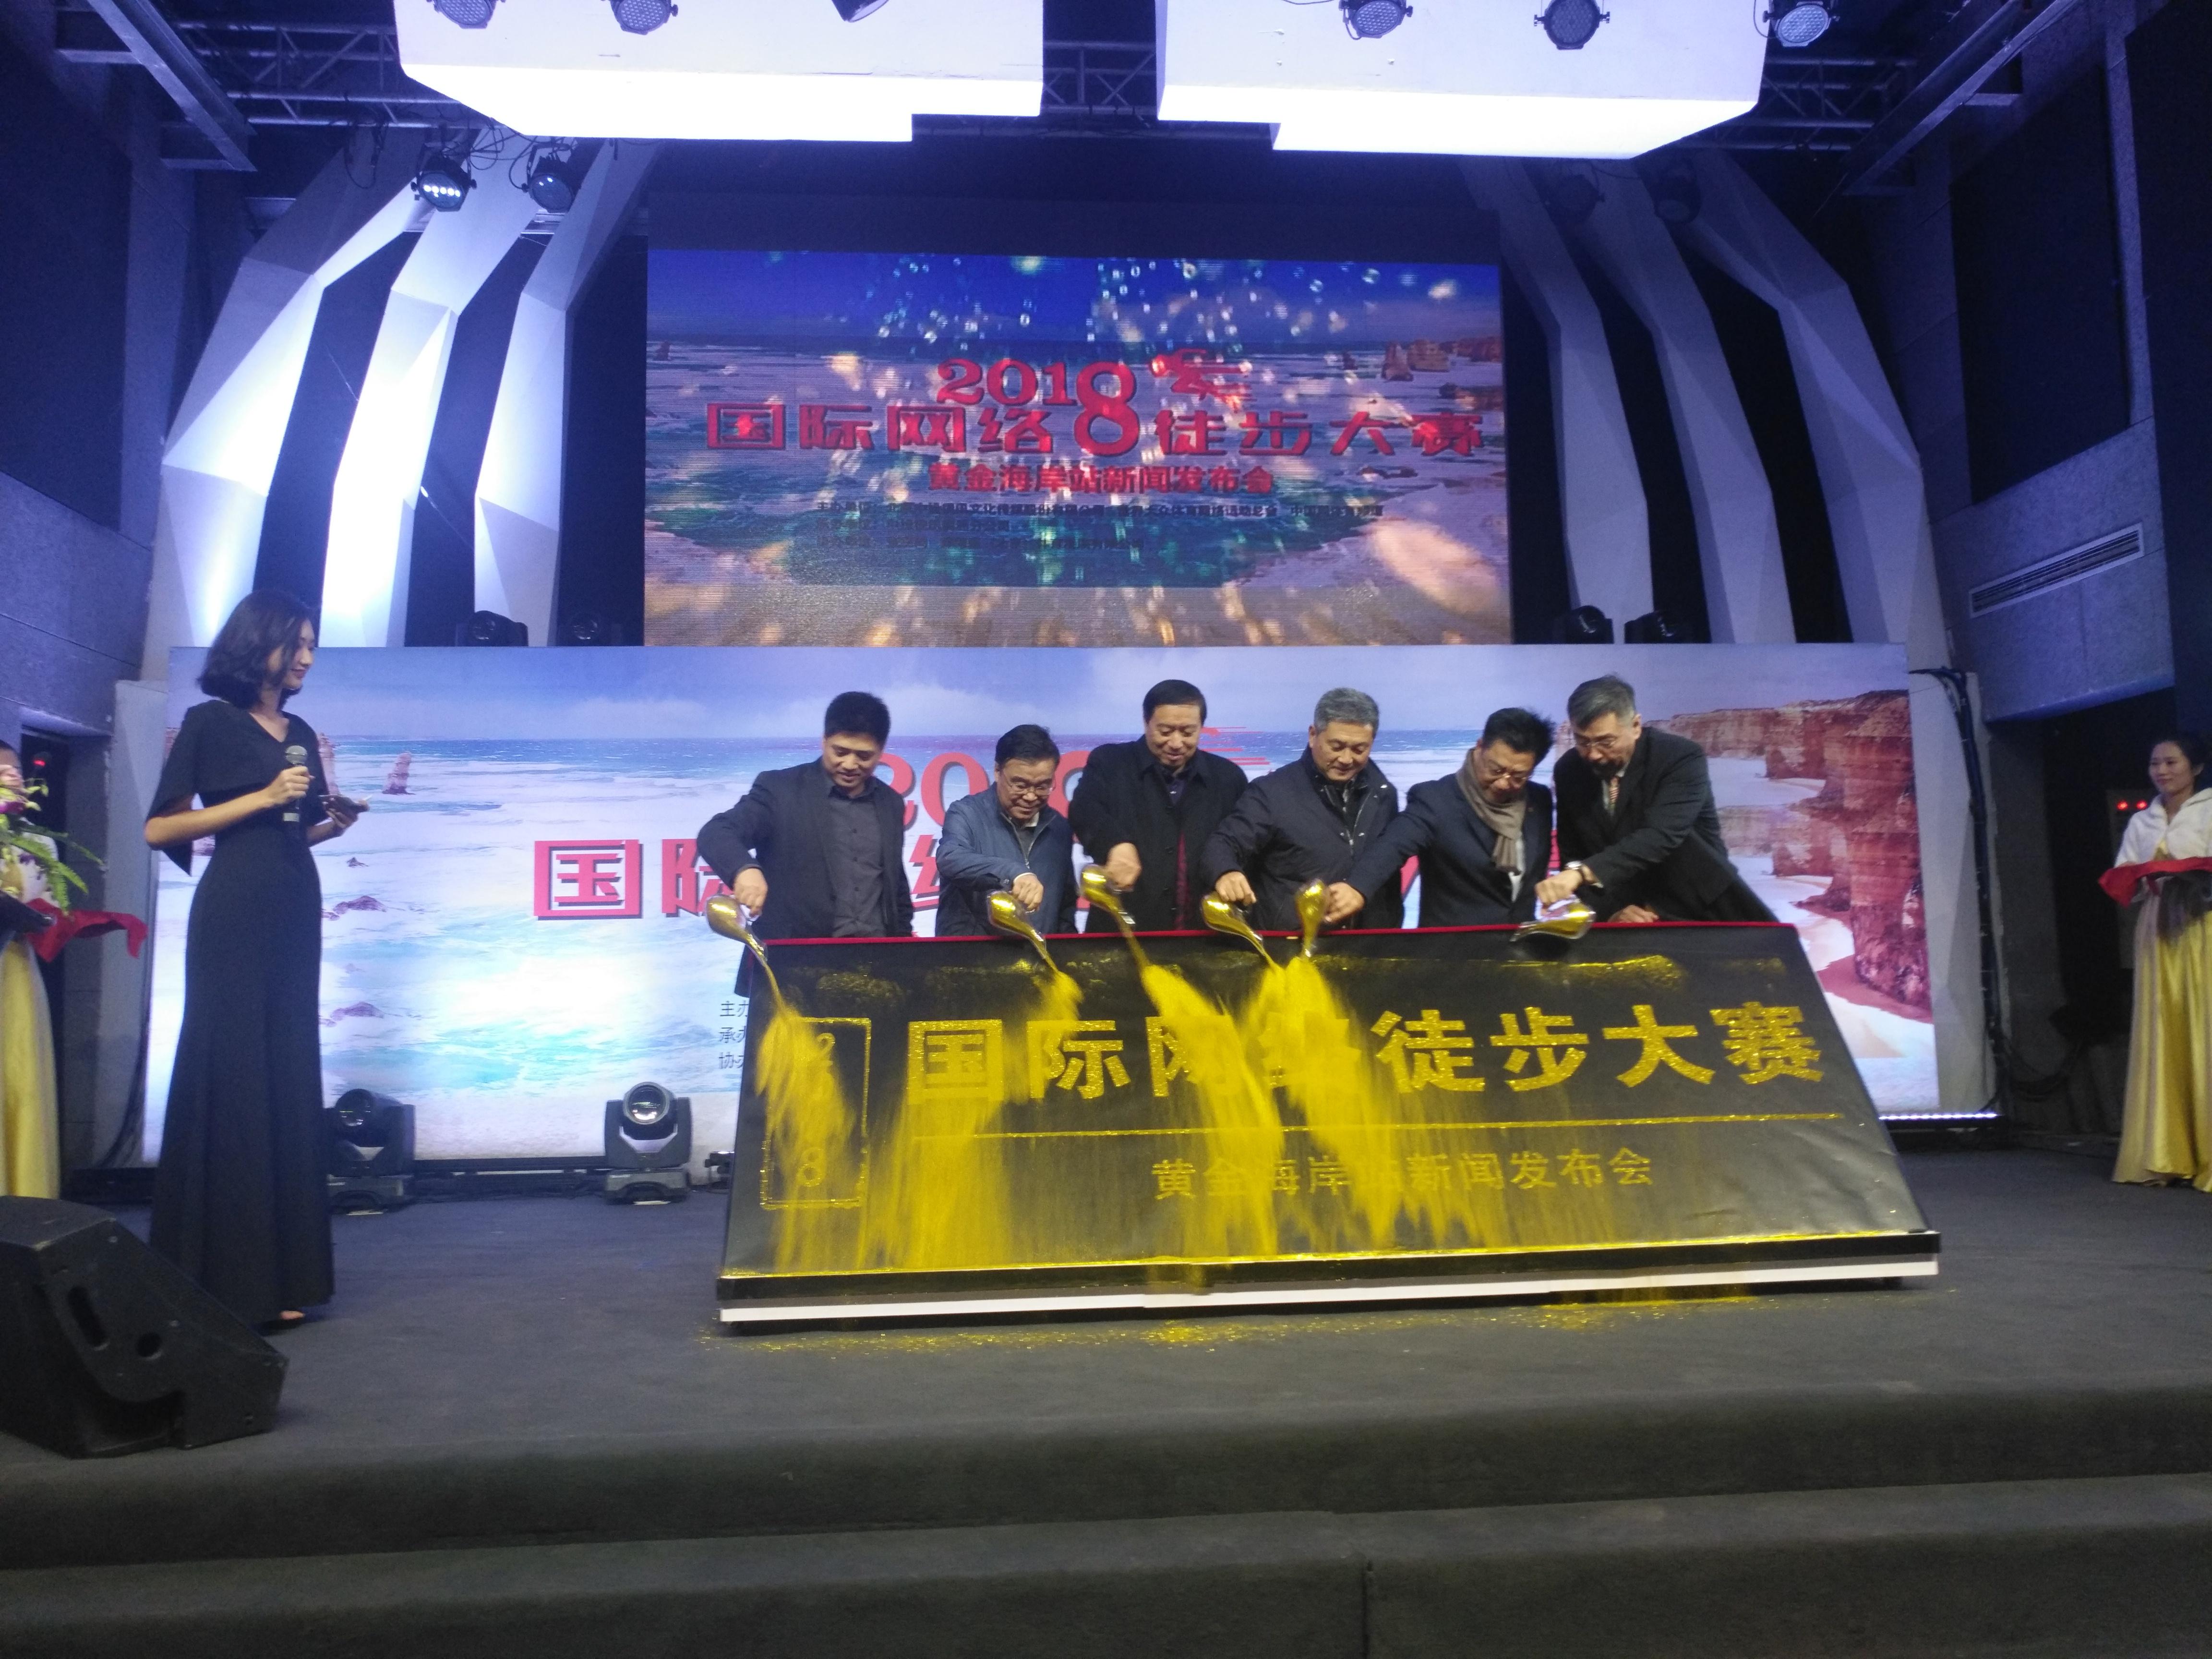 2018国际网络徒步大赛黄金海岸站新闻发布会召开